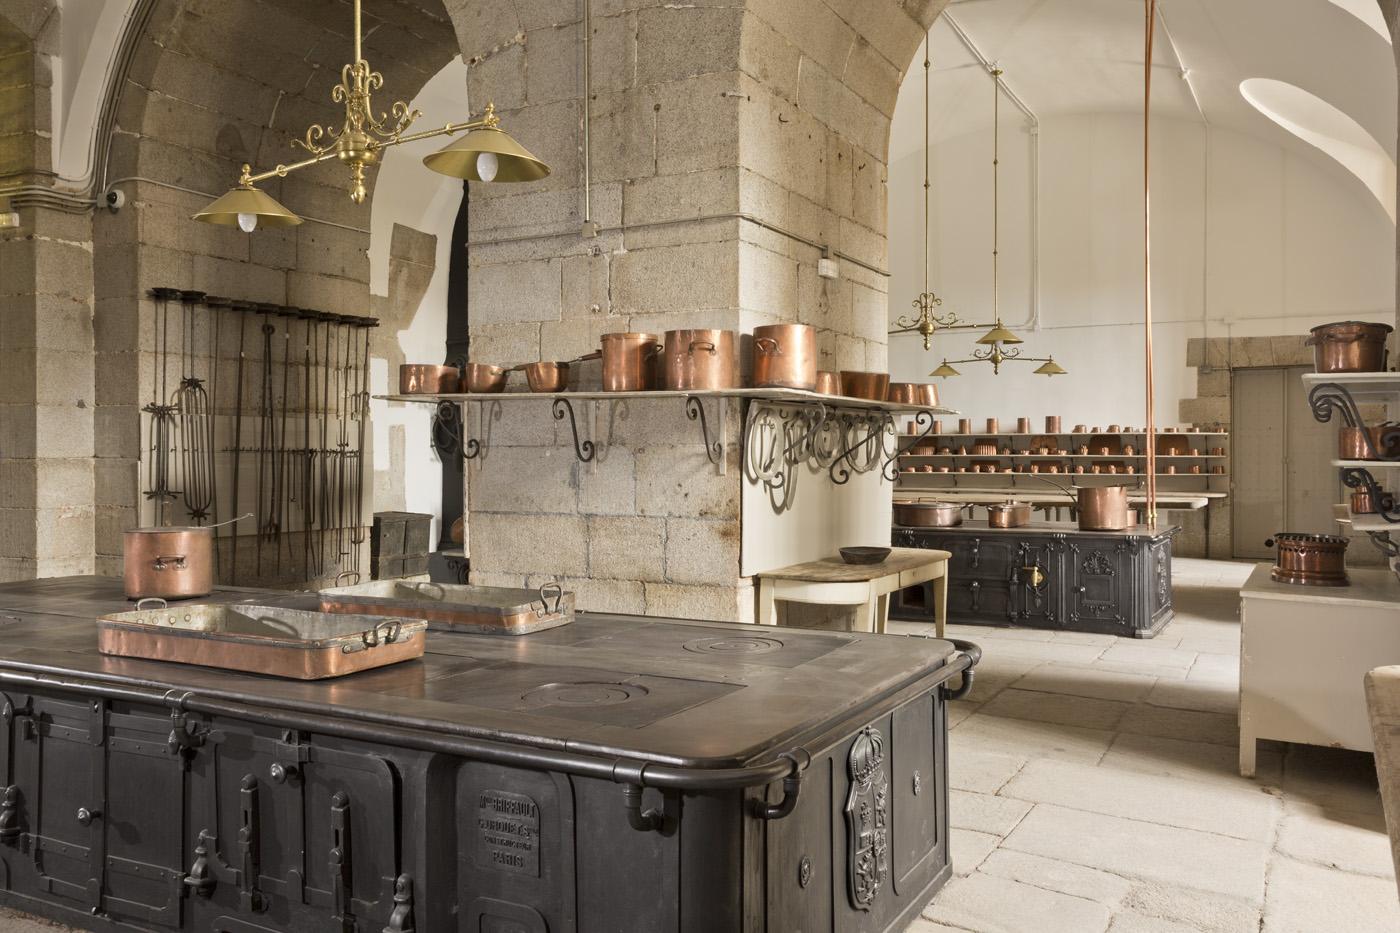 Apertura A La Visita Publica De La Real Cocina Patrimonio Nacional